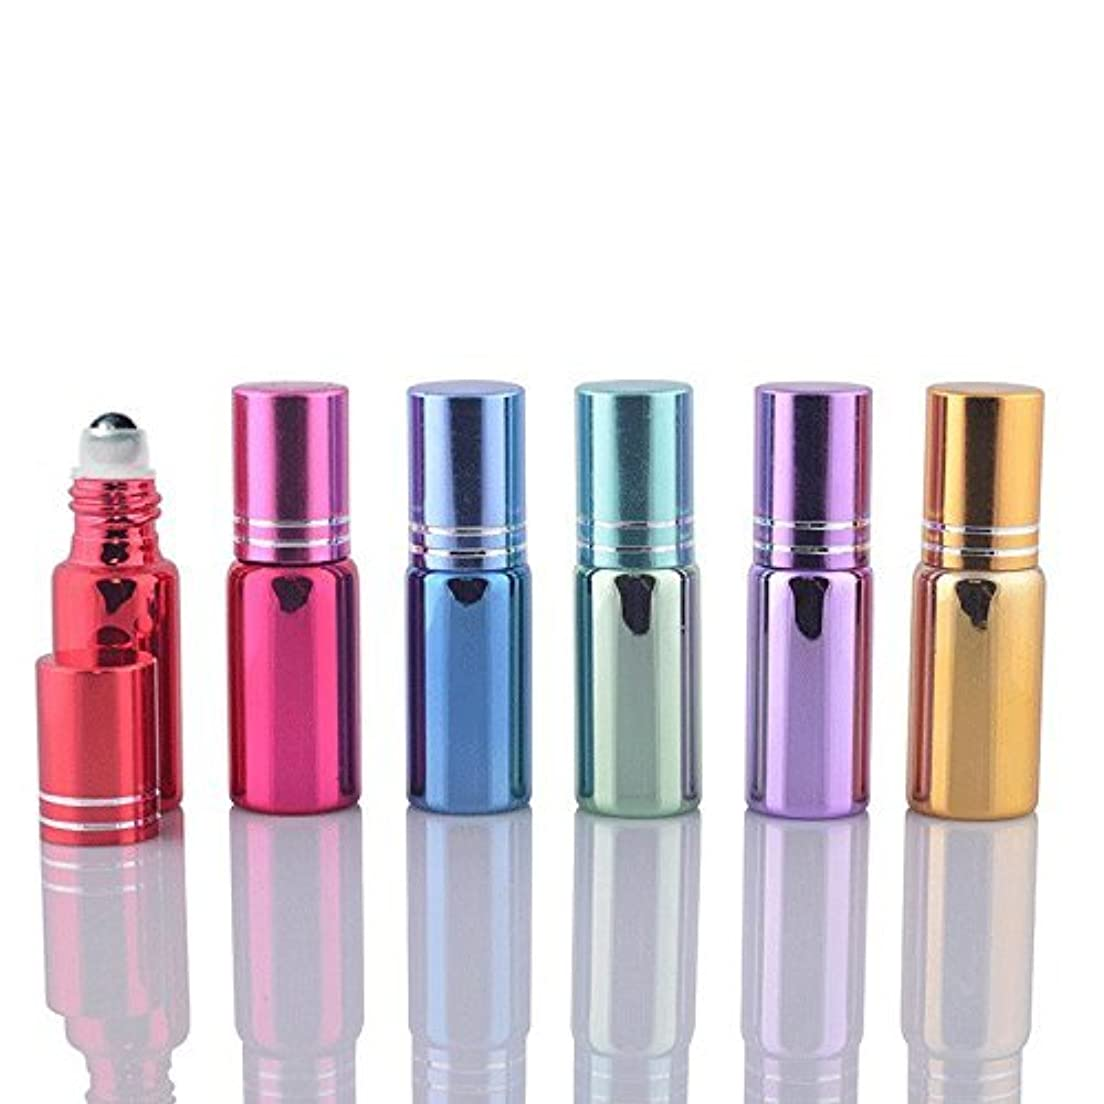 解くパッケージトリッキー6 Sets Assorted 5ml UV Coated Glass Roller Ball Rollon Bottles Grand Parfums Refillable Glass Bottles with Stainless Steel Rollers for Essential Oil, Serums,Fragrance, [並行輸入品]